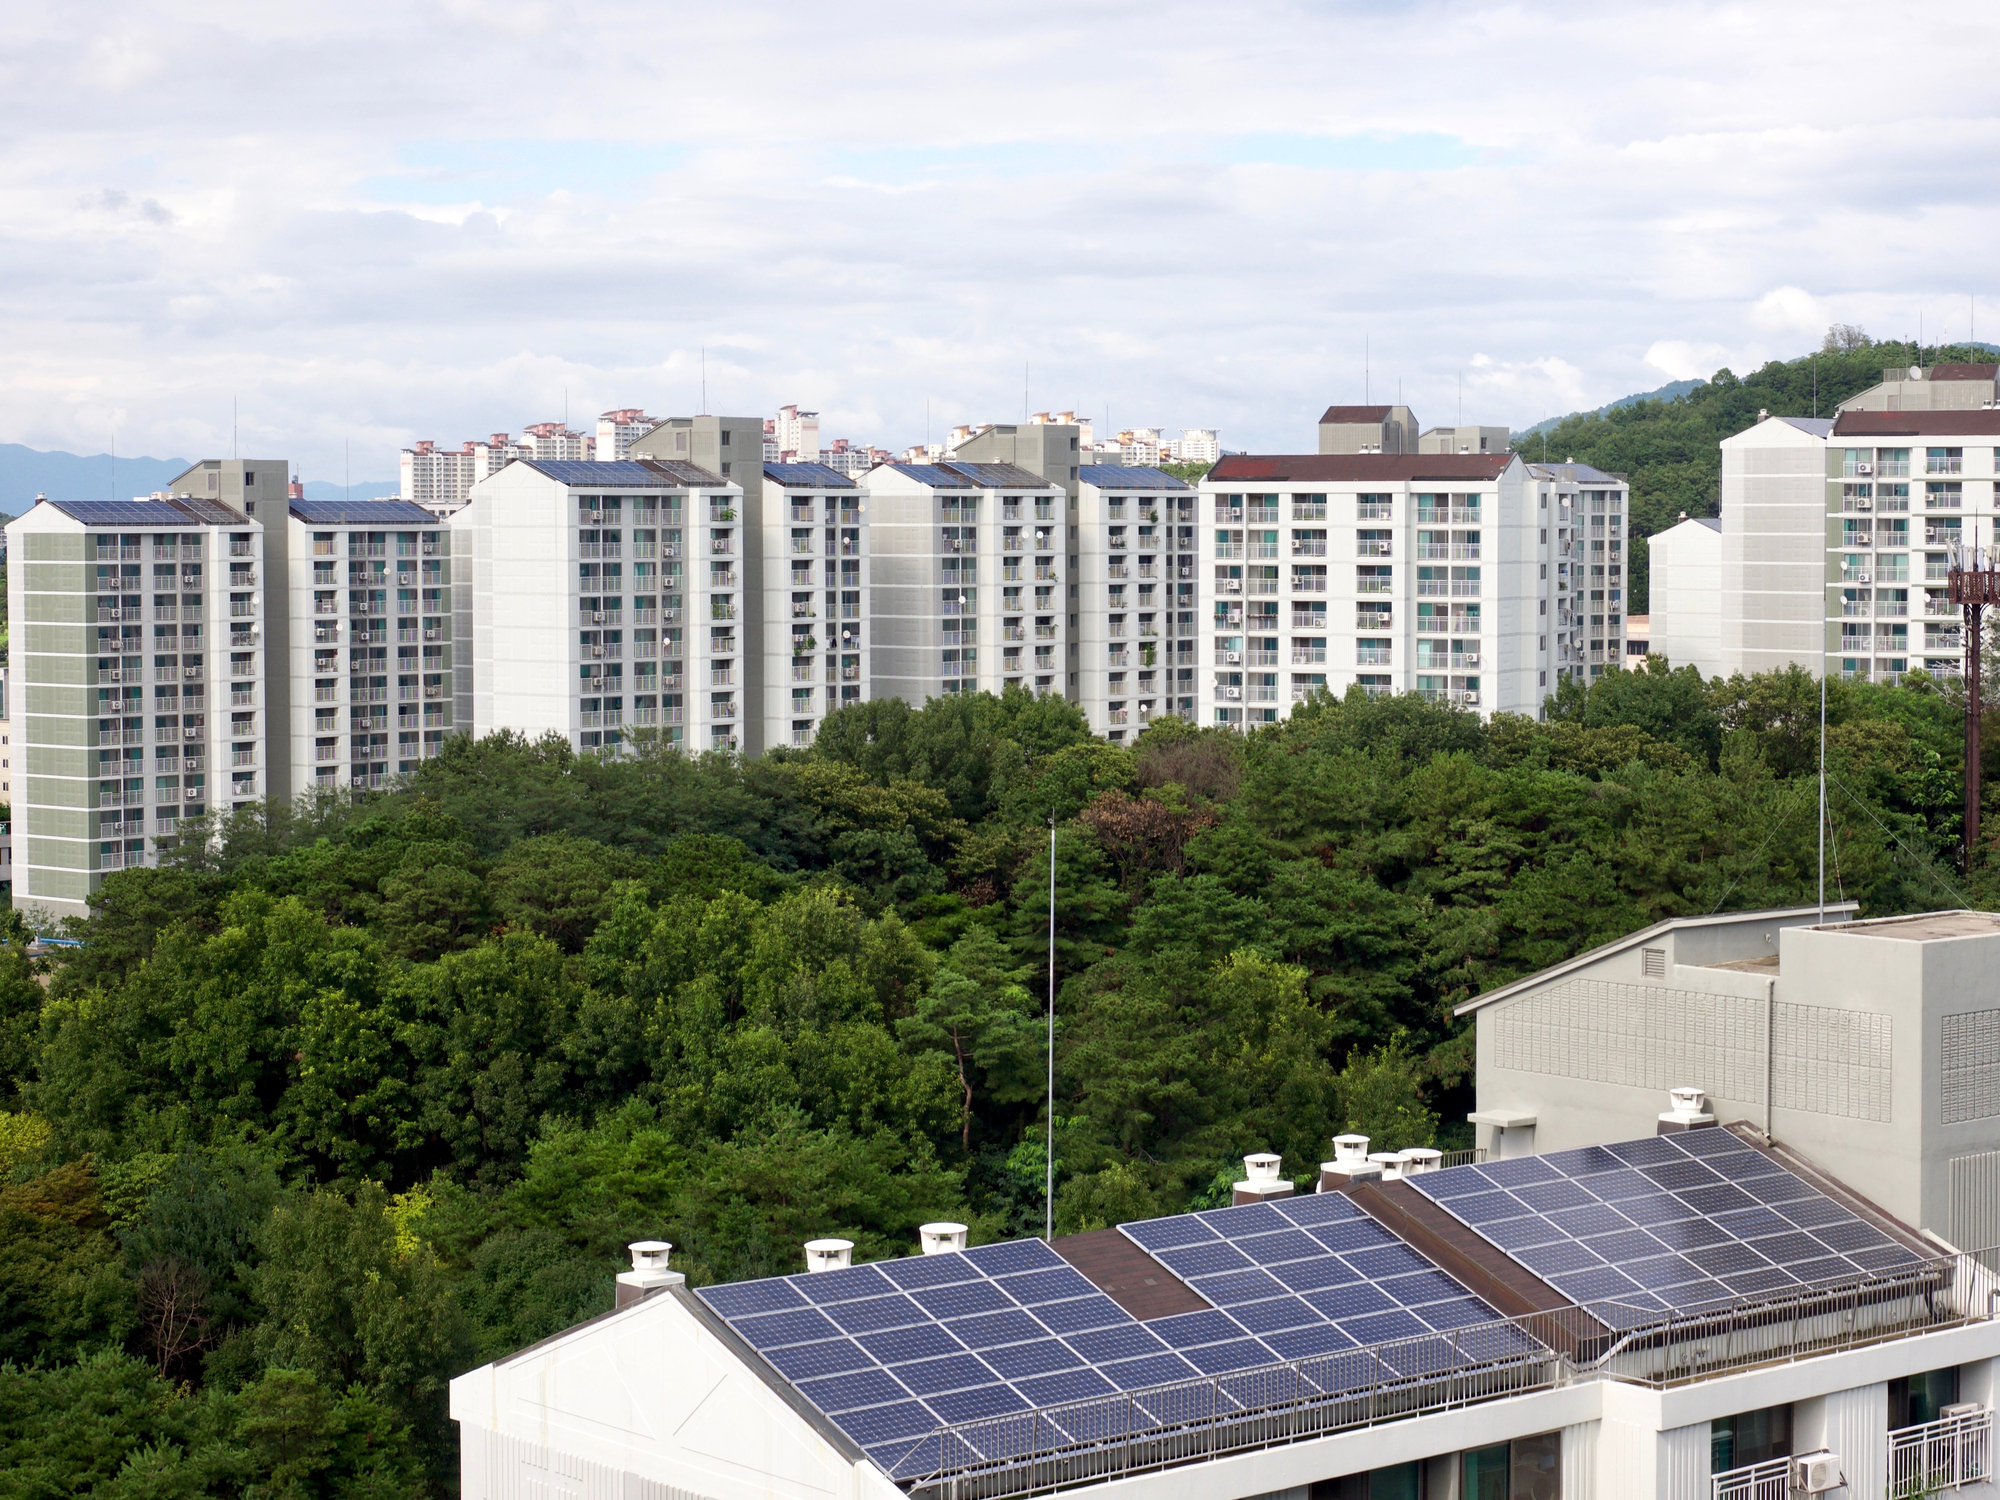 Fotovoltaico e architettura: conto energia e autorizzazioni in